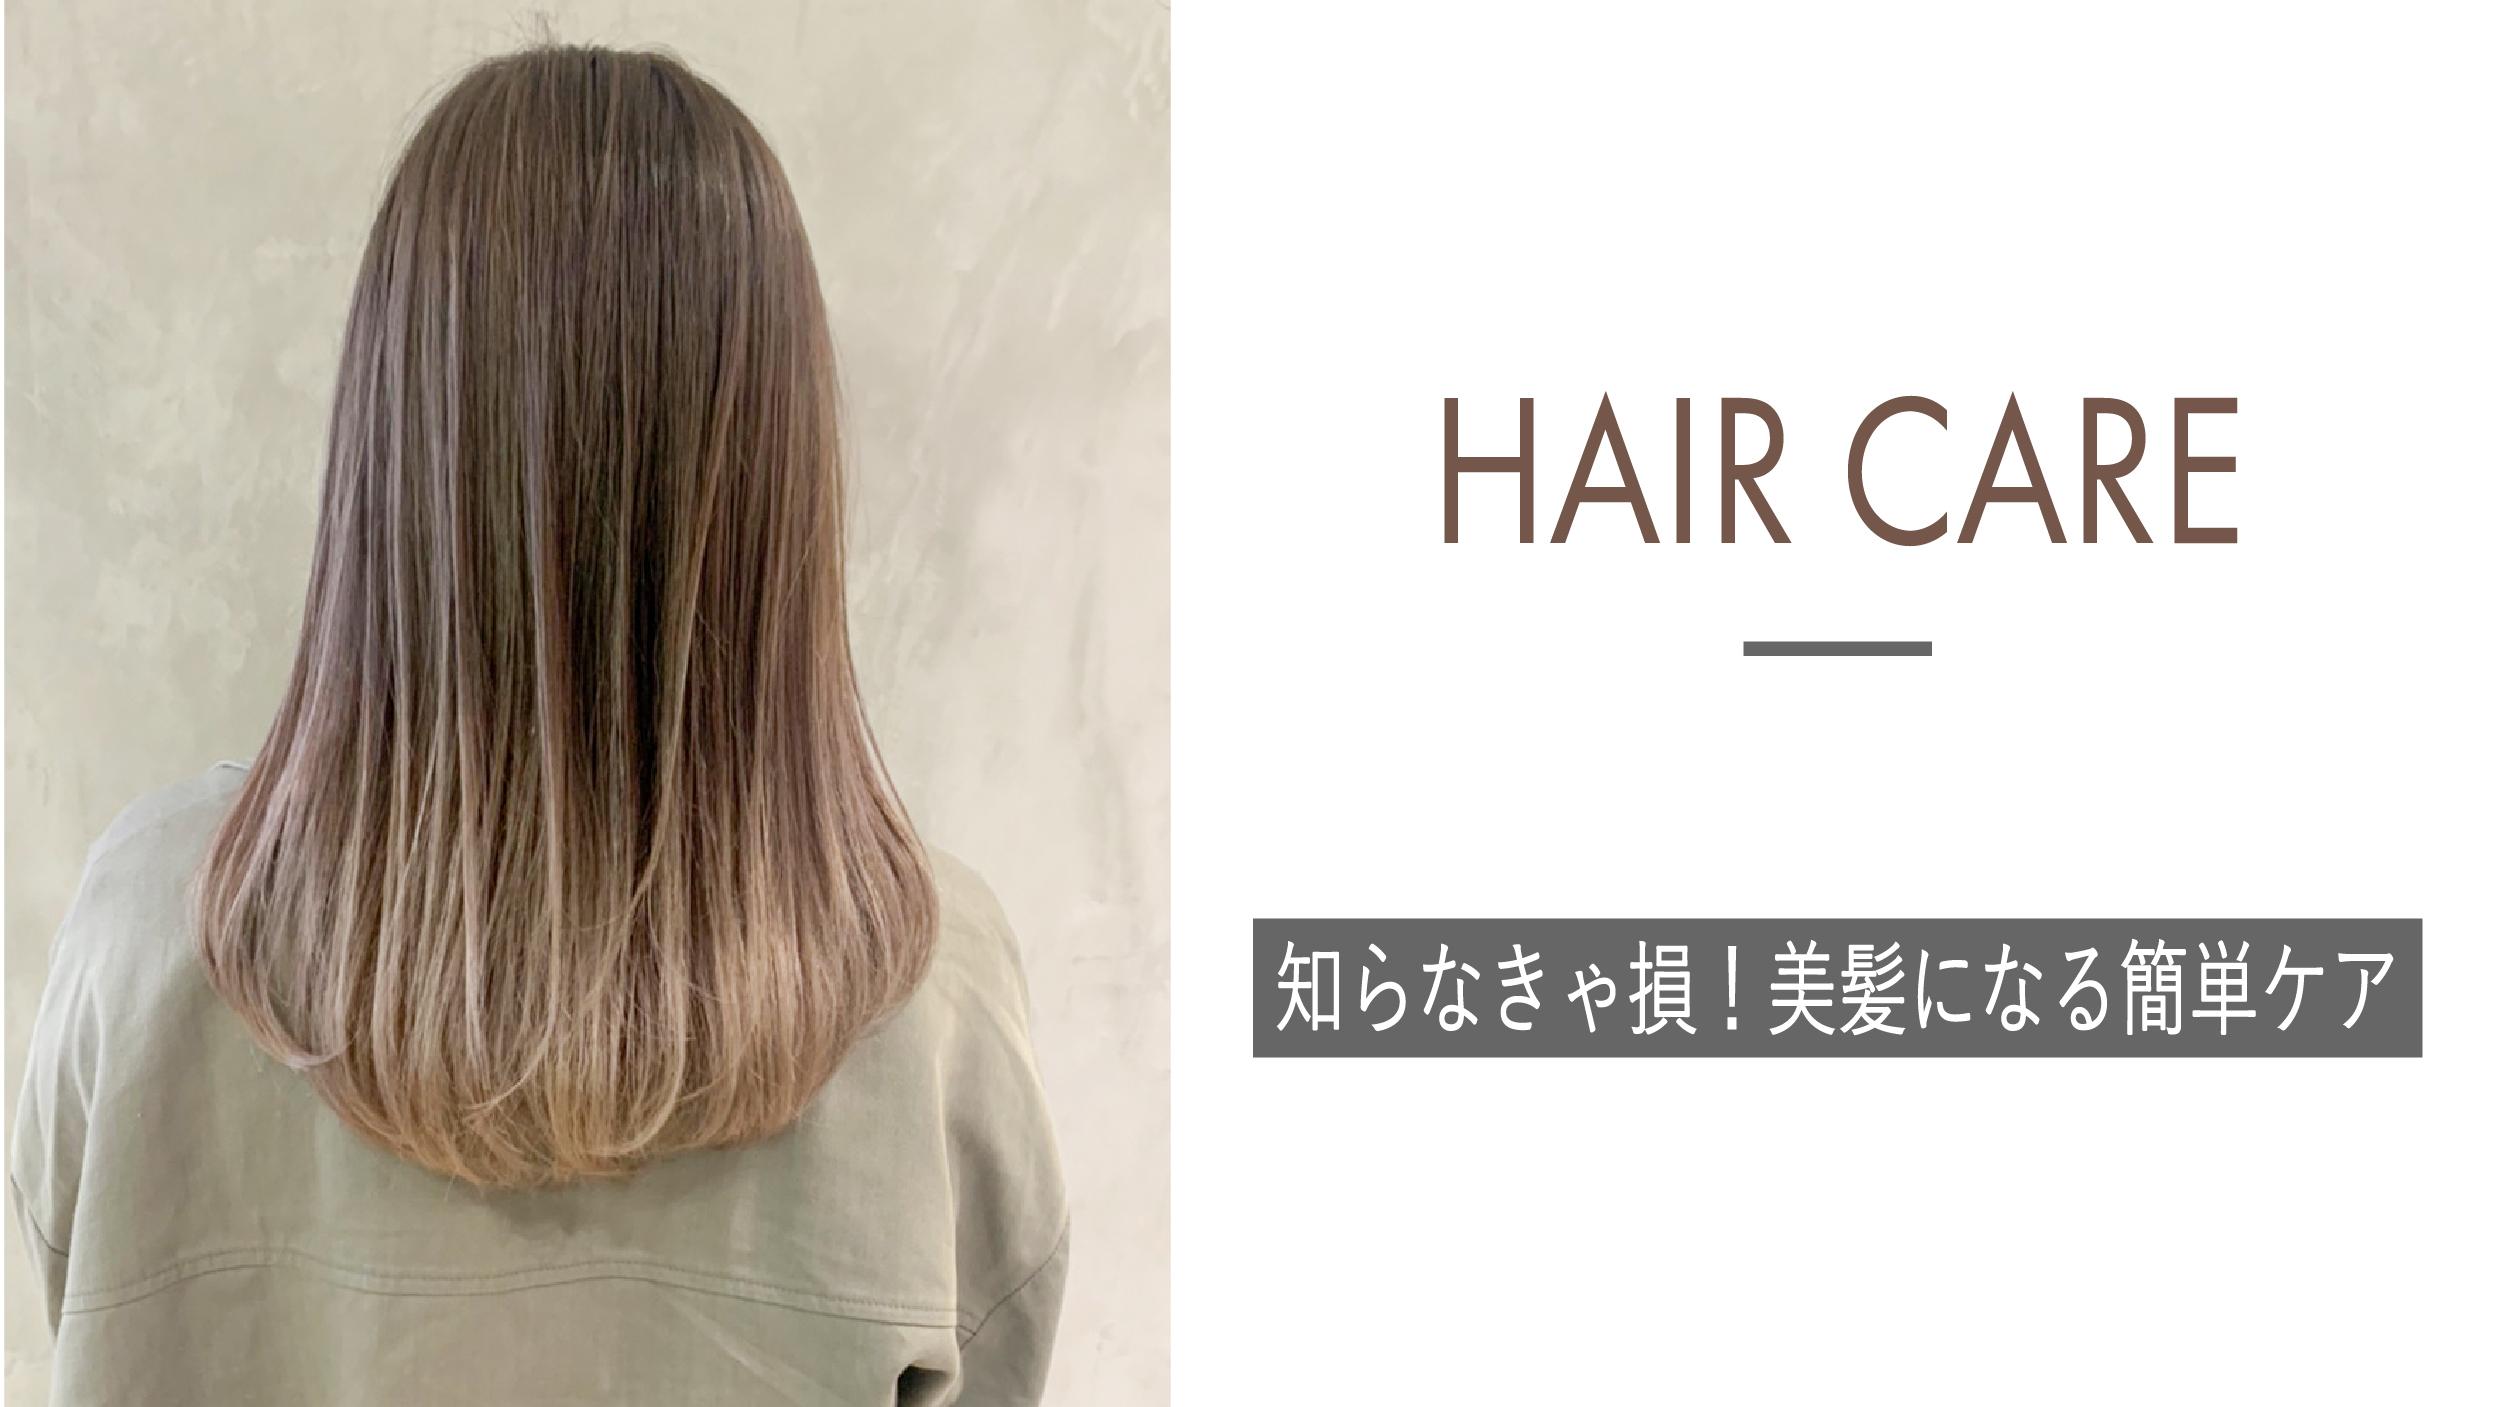 これ知らなかった!今日から始める美髪のためのヘアケア|PART10